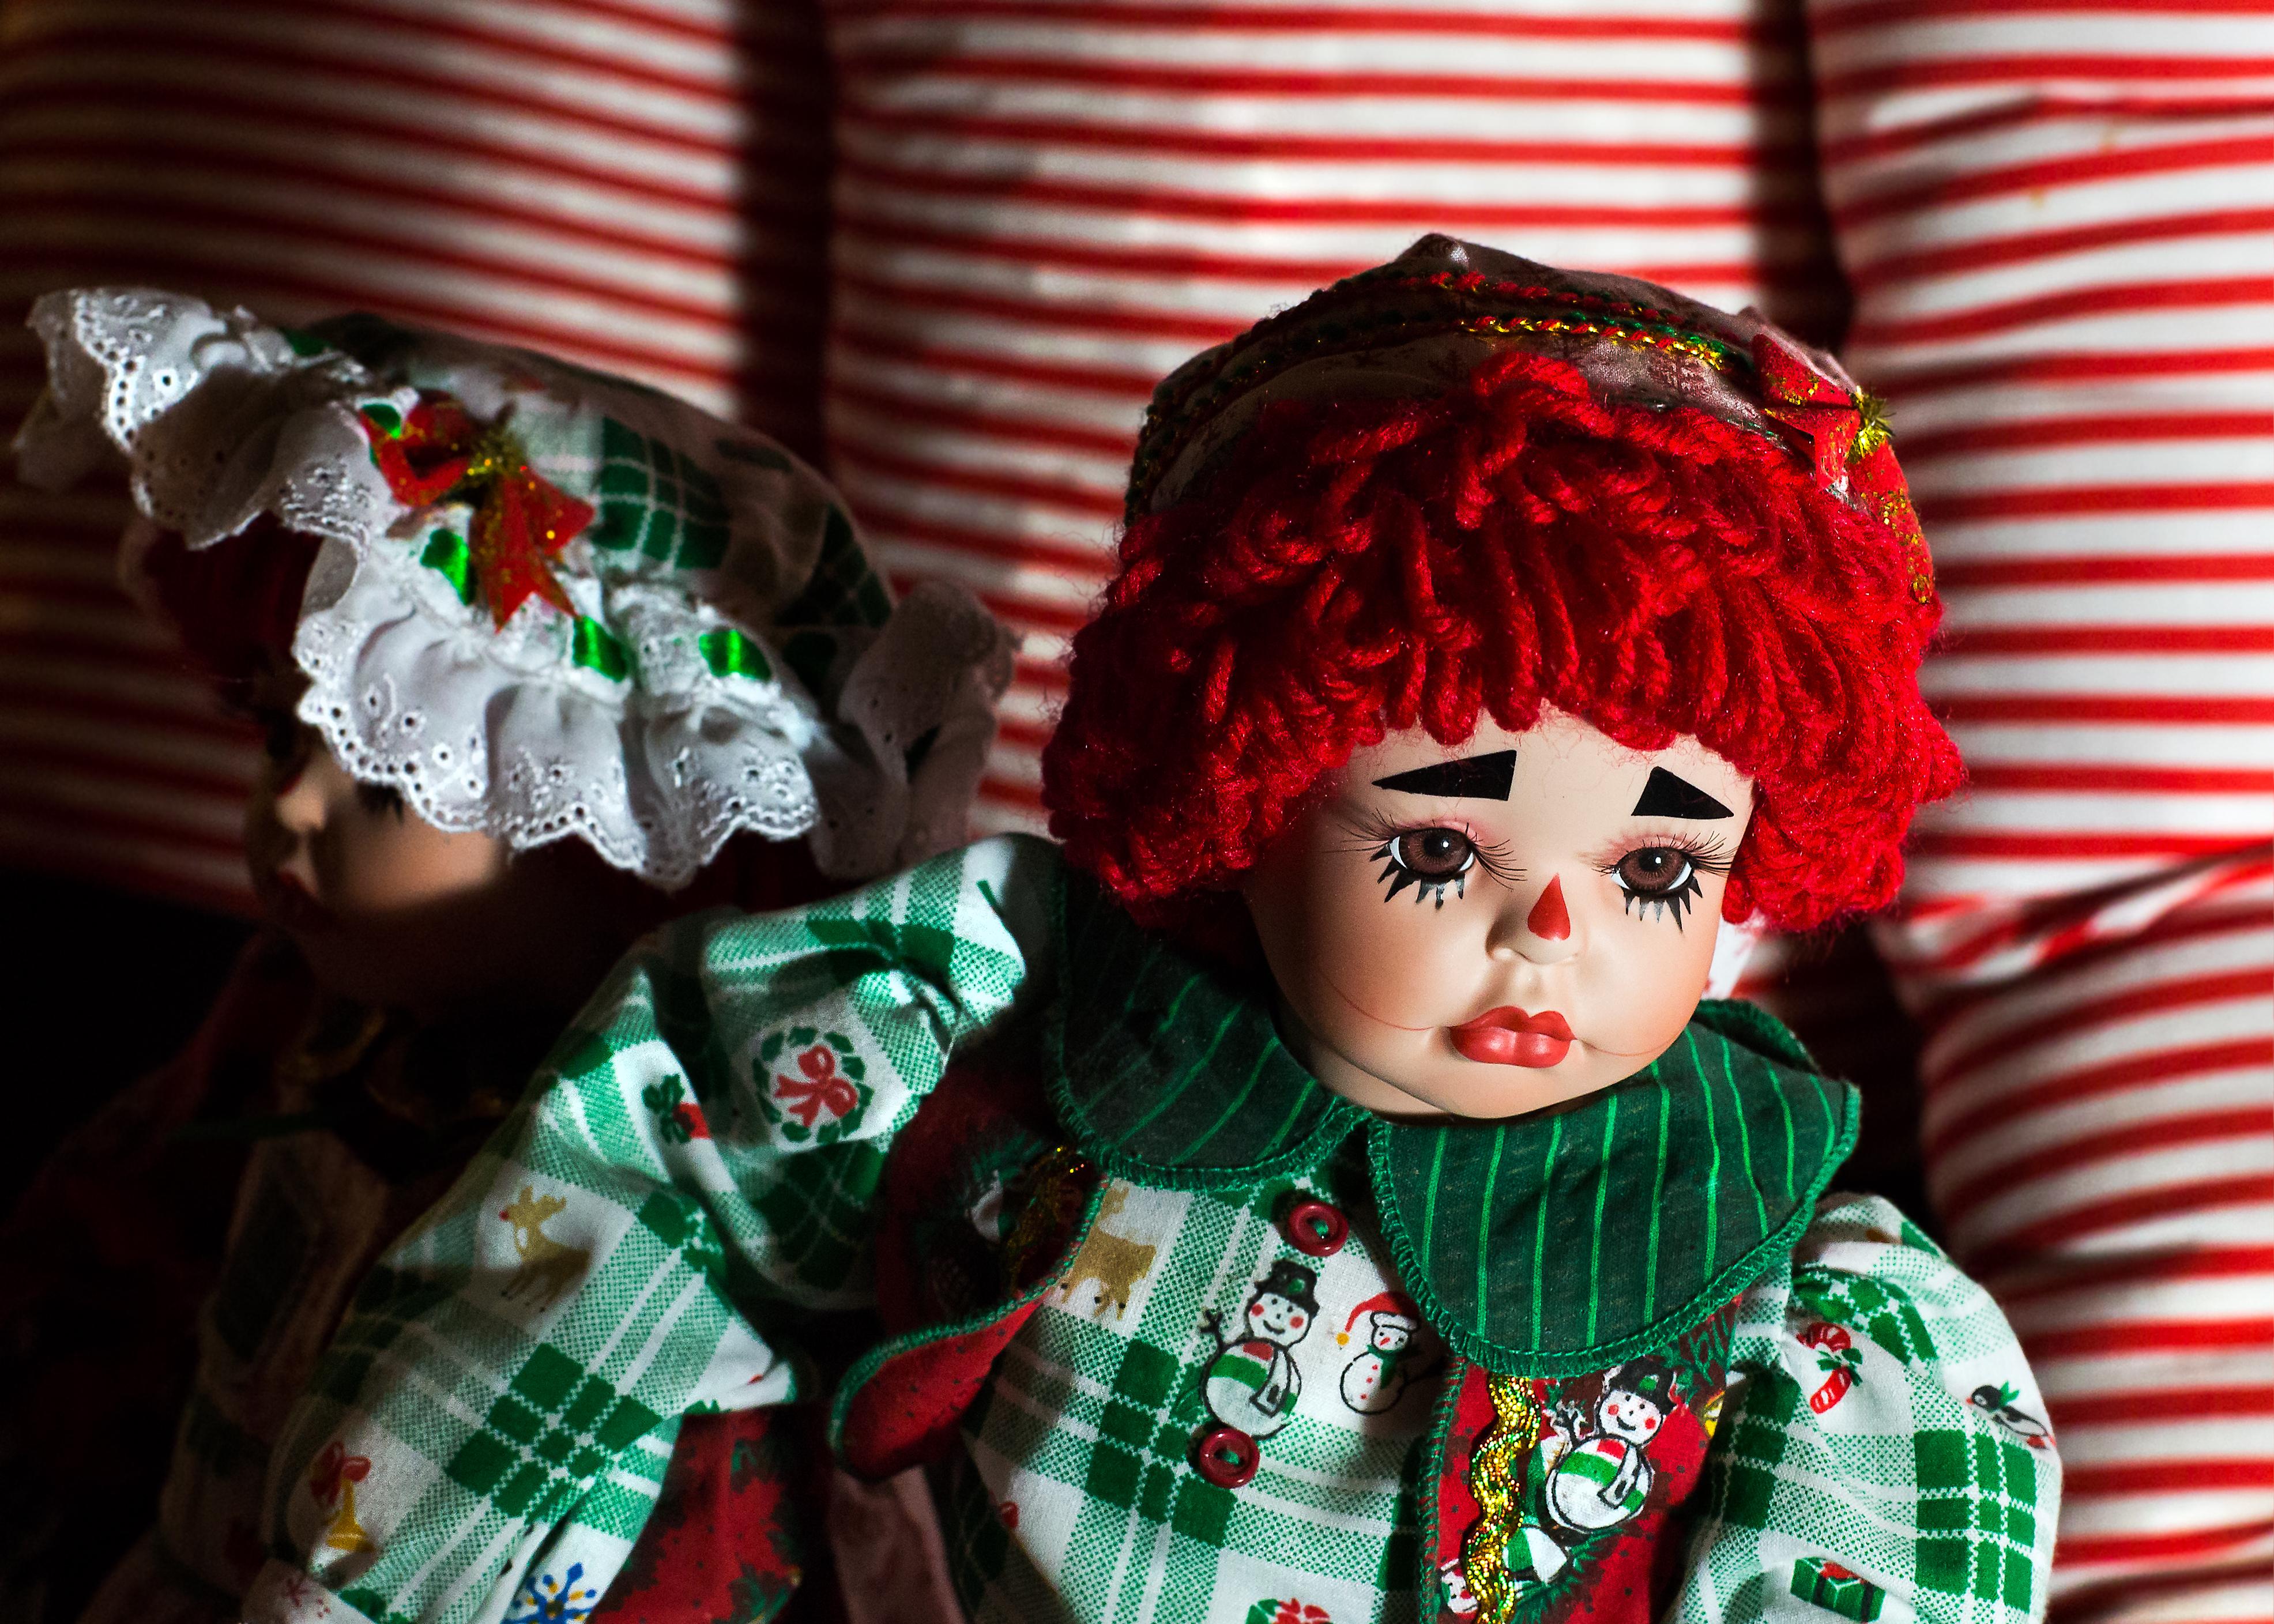 rambut bunga hijau merah warna obyek warna warni hari Natal mainan boneka RedHair porselen andy